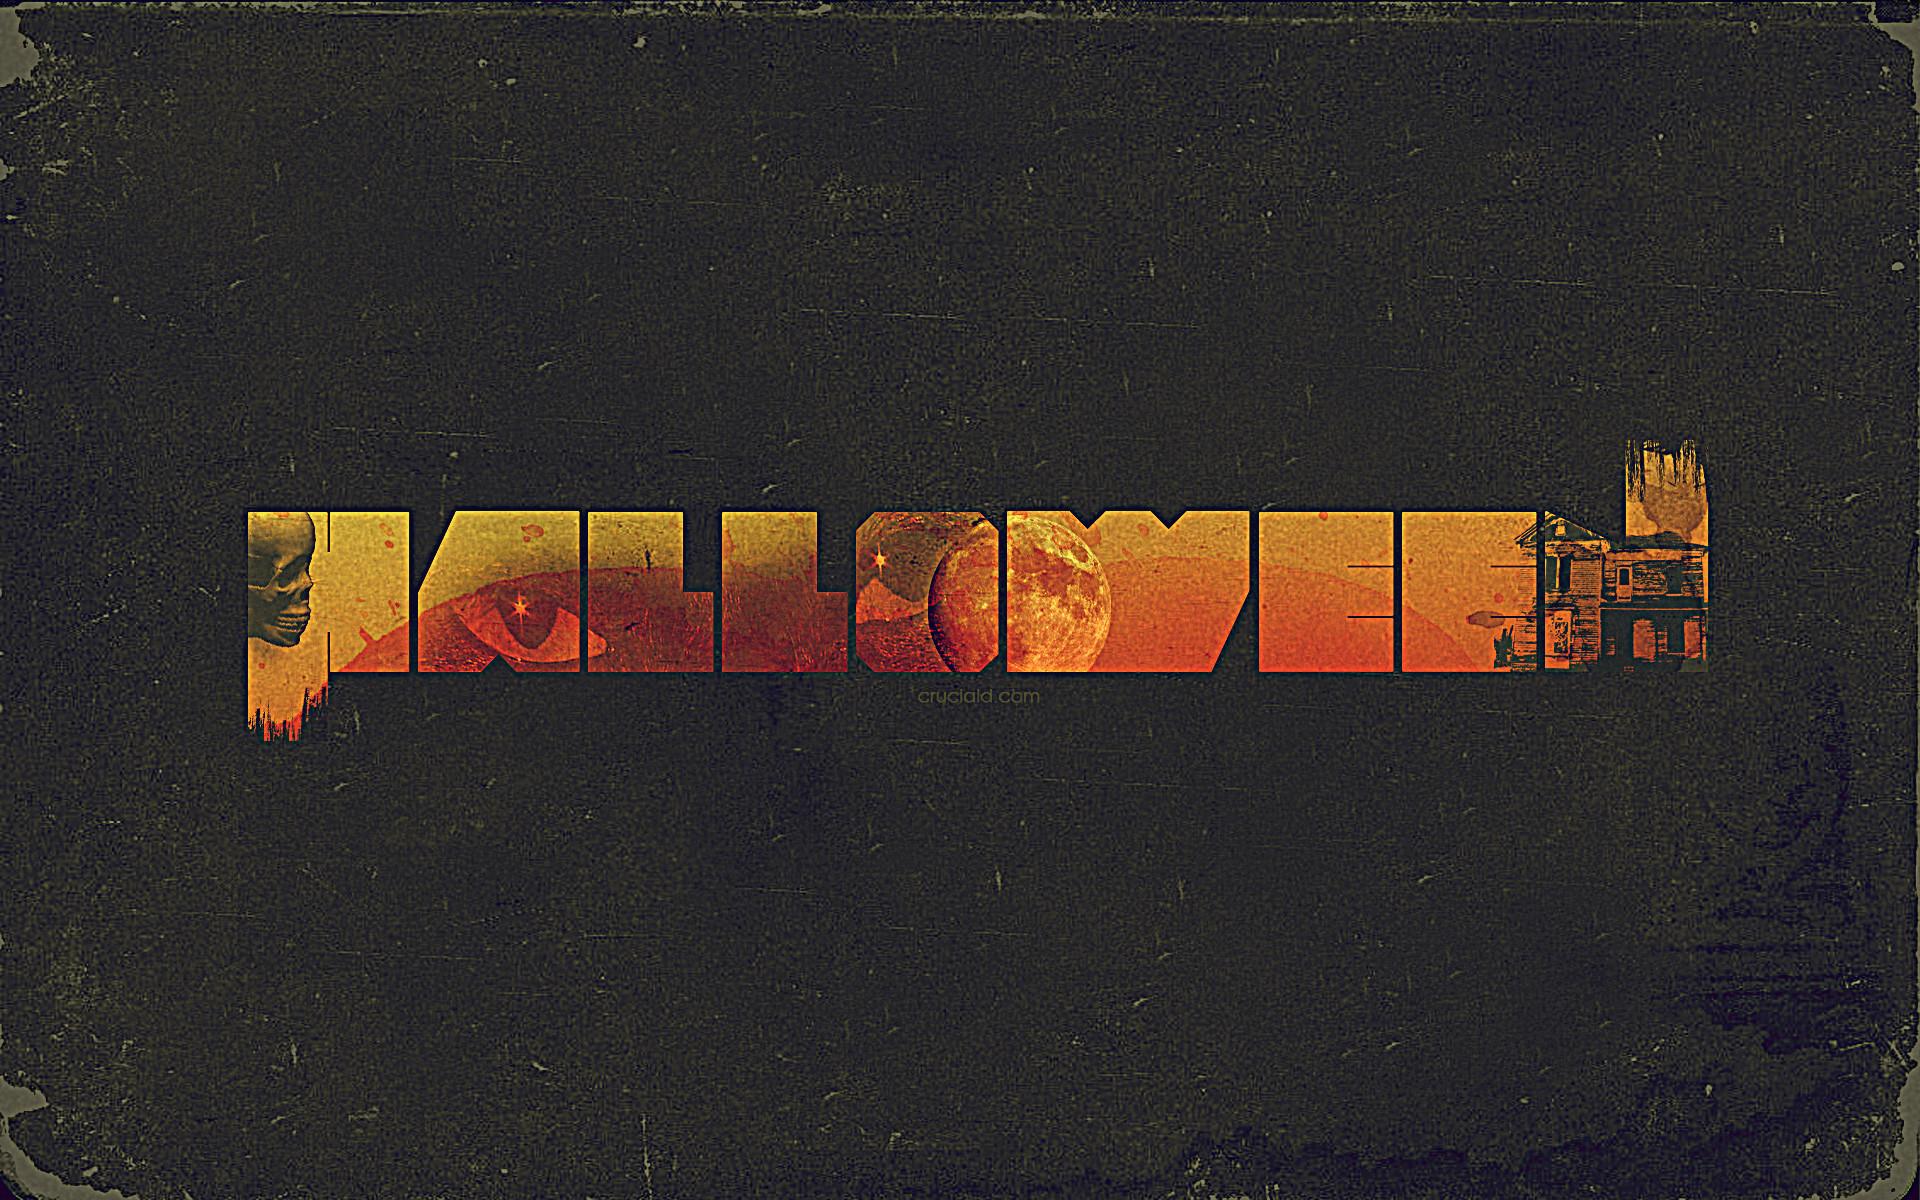 Halloween Wallpaper 7